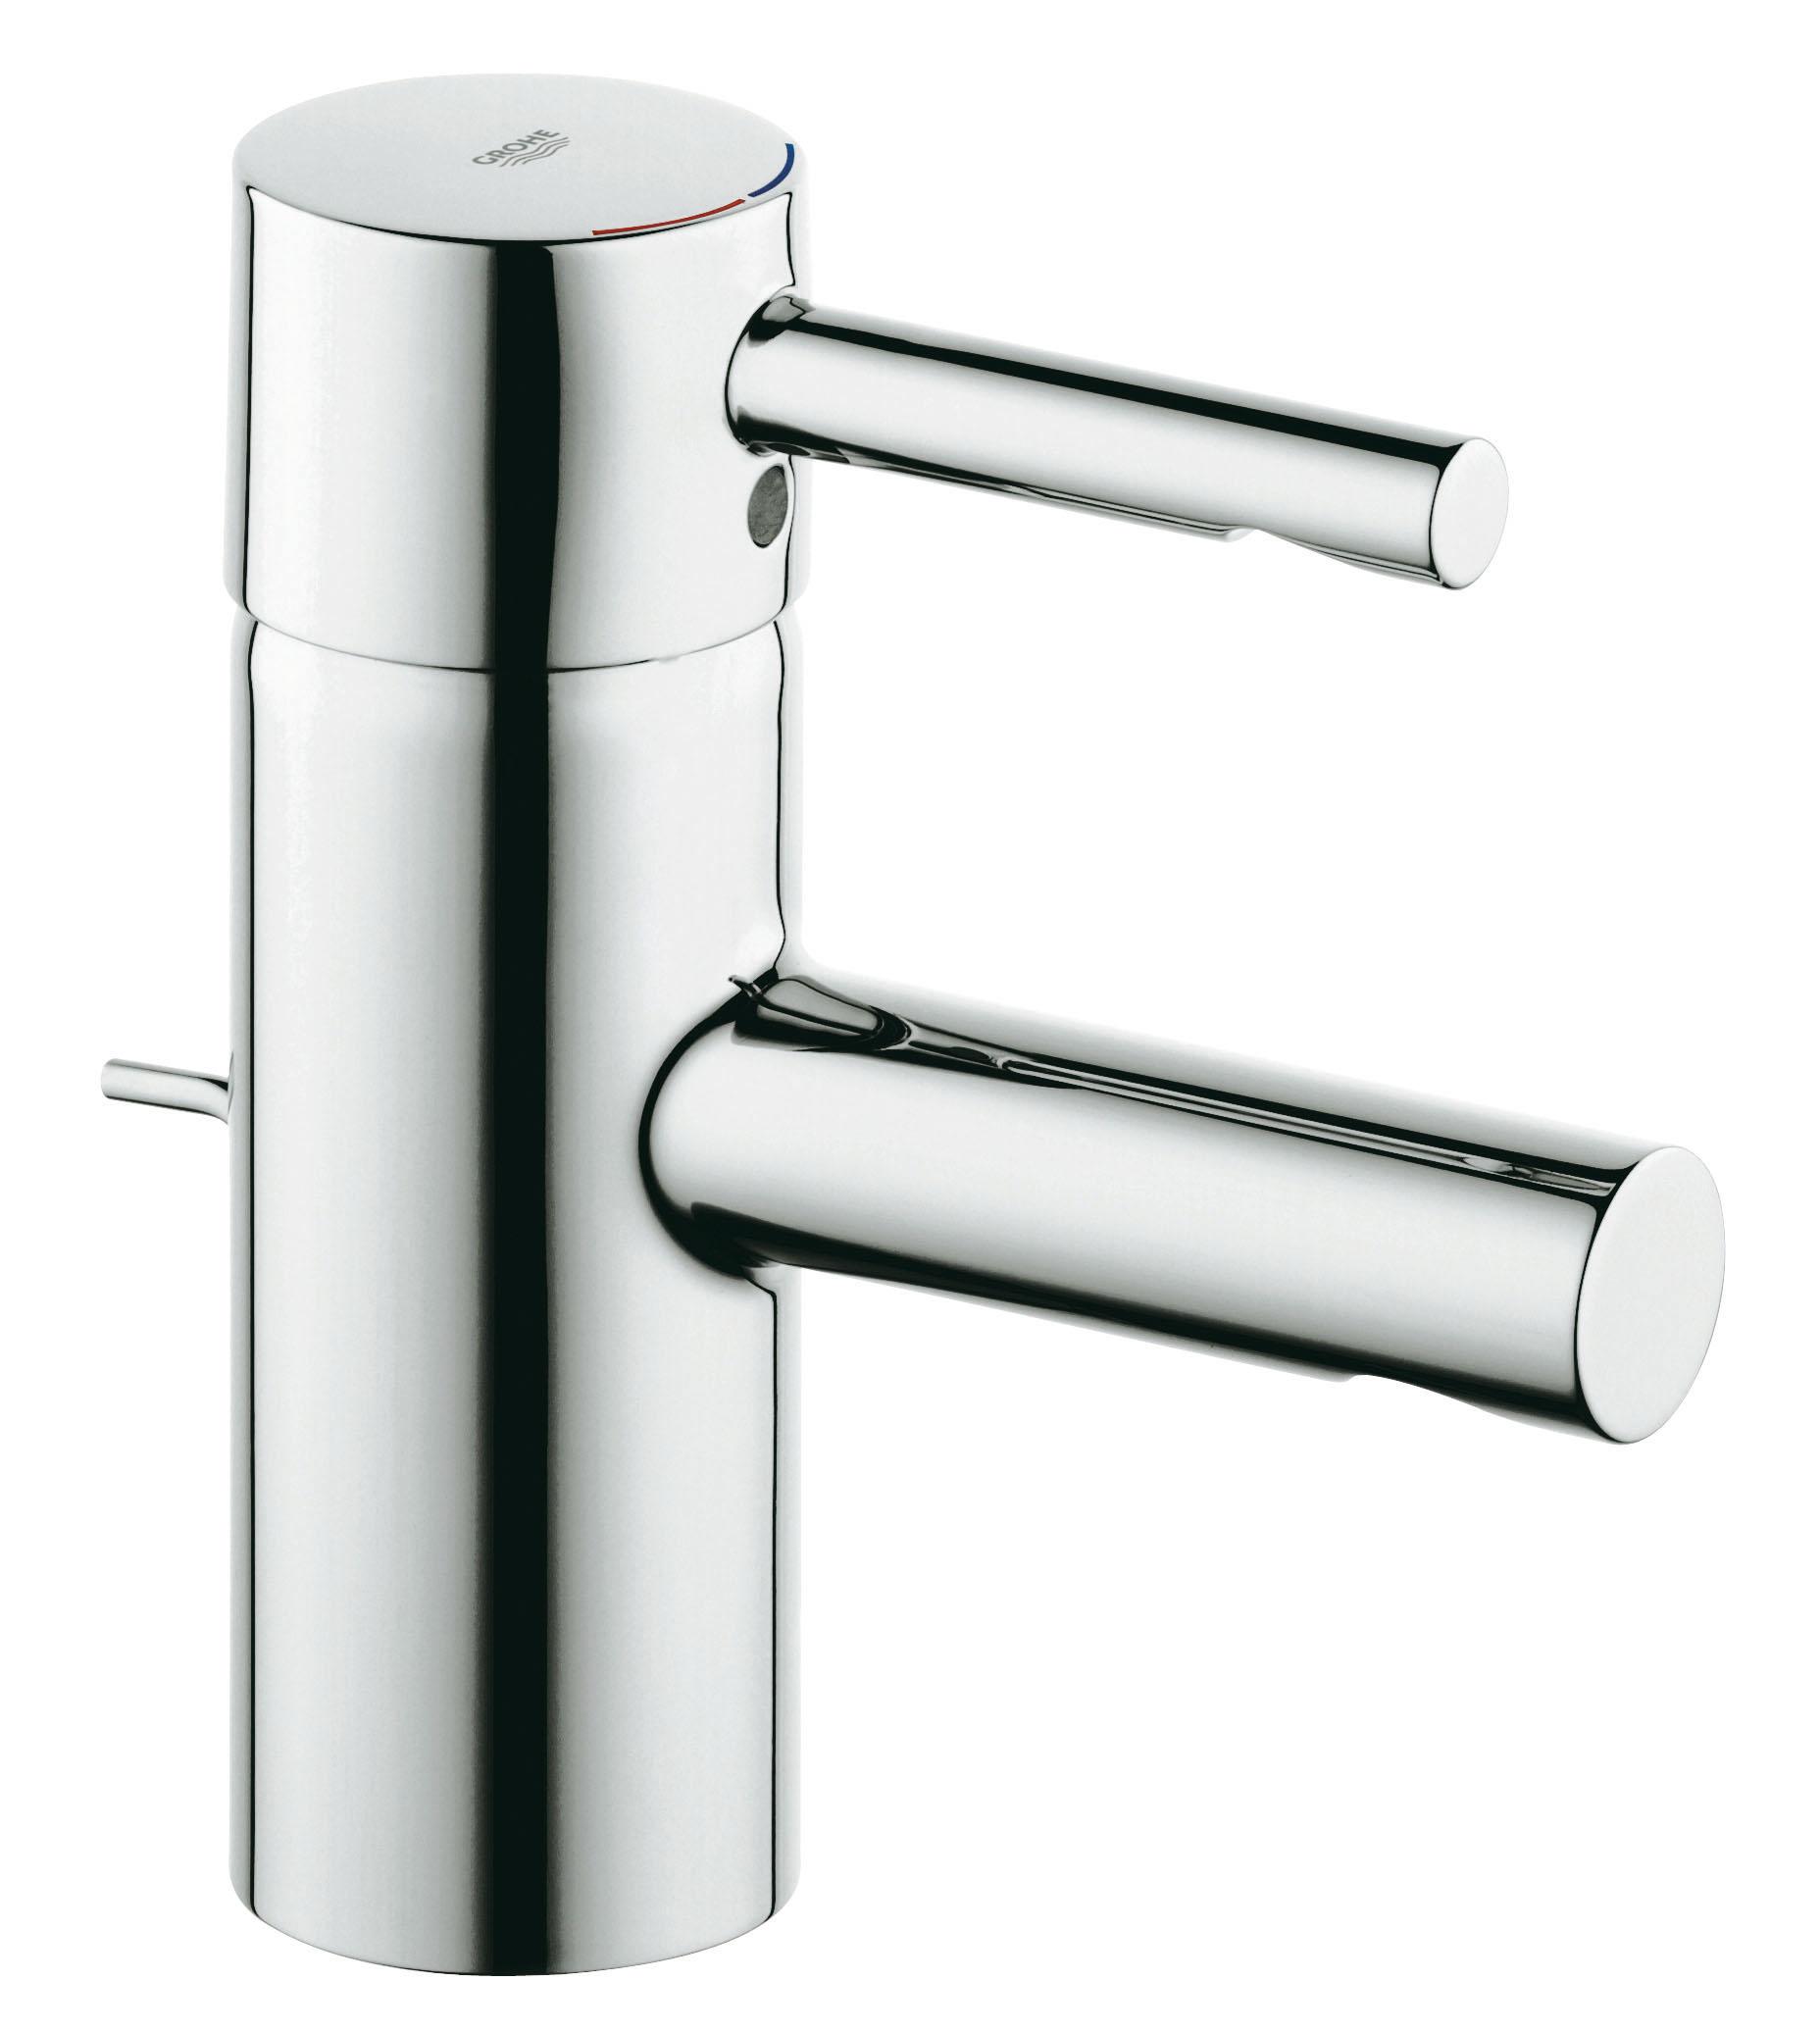 Смеситель для раковины GROHE Essence с донным клапаном (33562000)33562000GROHE Essence: смеситель для ванной комнаты с неизменно актуальным дизайном и глянцевым покрытием Элегантный и гармоничный дизайн, основанный на цилиндрических формах, – отличительный признак серии GROHE Essence. Данный смеситель для ванной комнаты обеспечен множеством полезных функций, дополняющих его привлекательный внешний вид: к примеру, технология GROHE SilkMove обеспечивает плавность регулировки напора и температуры воды, а встроенный подъемный шток позволяет легко открывать и закрывать сливной клапан. Хромированное покрытие GROHE StarLight обеспечивает смесителю неприхотливость в уходе, а также сохранение ослепительного блеска на многие годы. Благодаря всем этим преимуществам, а также быстроте установки за счет системы упрощенного монтажа, данный однорычажный смеситель представляет собой идеальный выбор во всех отношениях. Особенности: Монтаж на одно отверстие GROHE SilkMove керамический картридж 35 мм Регулировка расхода воды Встроенный аэратор ...